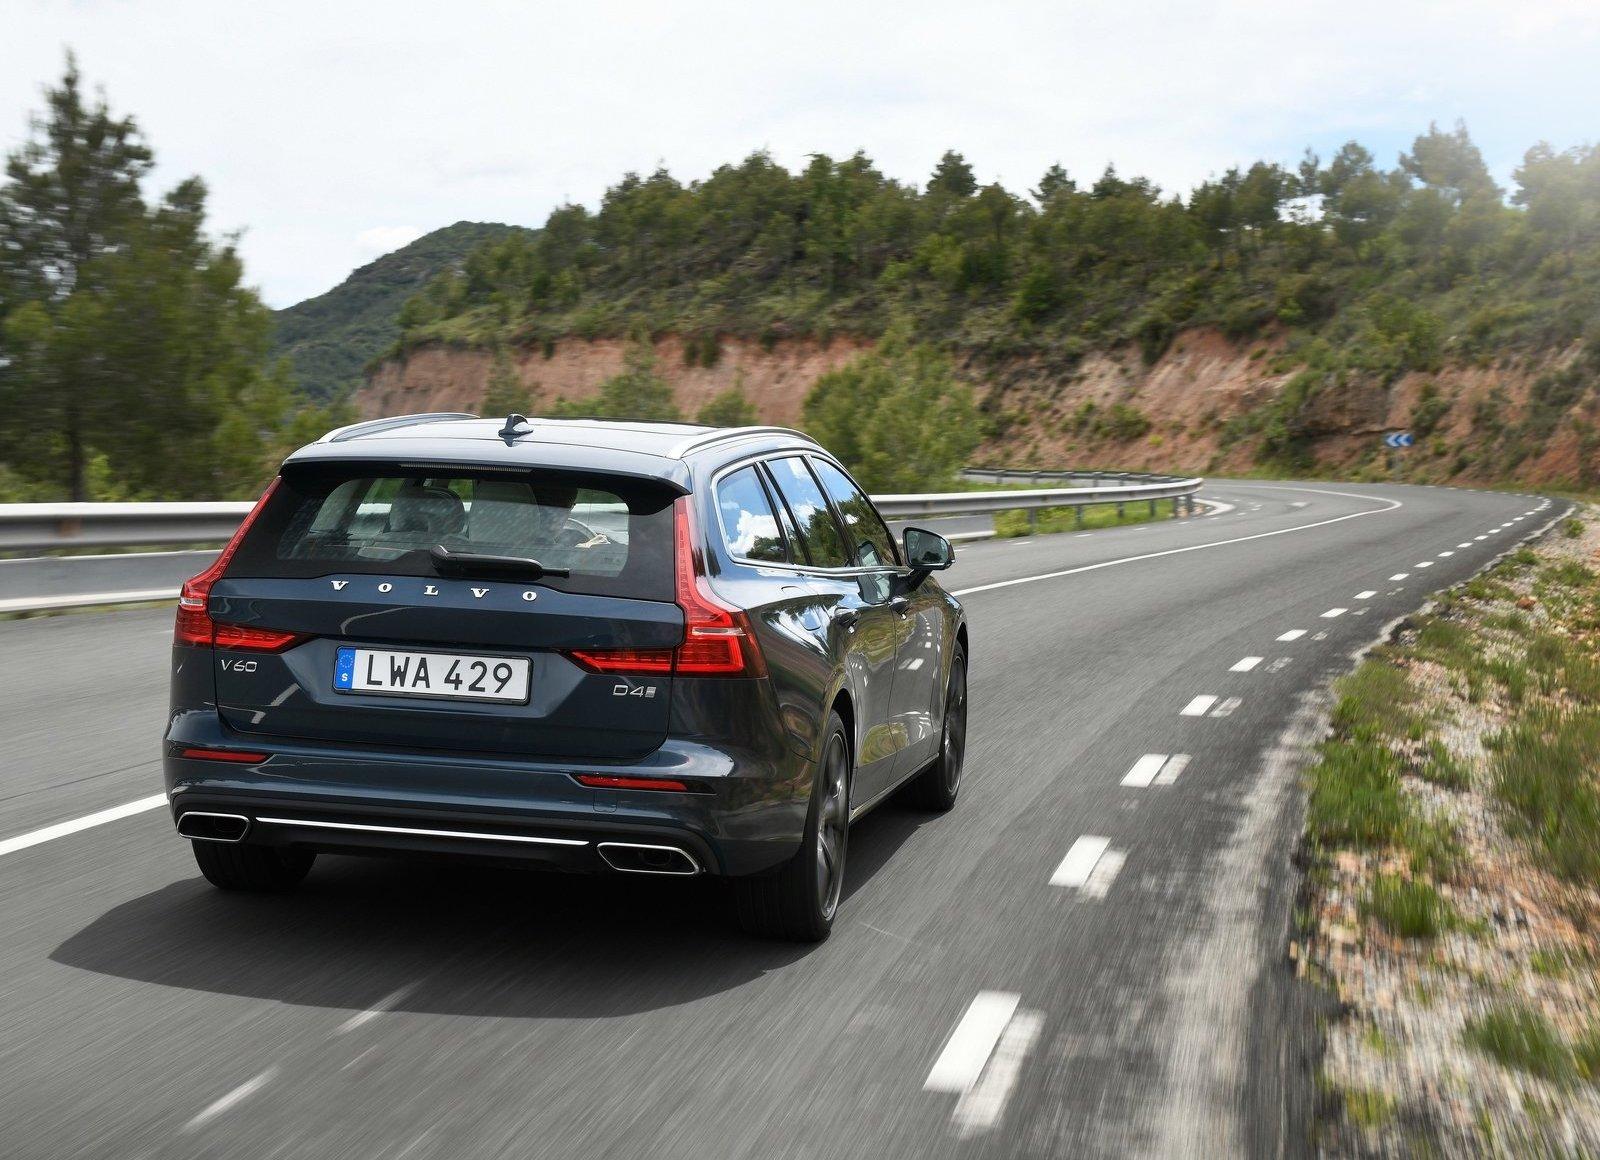 2019 Volvo V60 3/4 rear driving